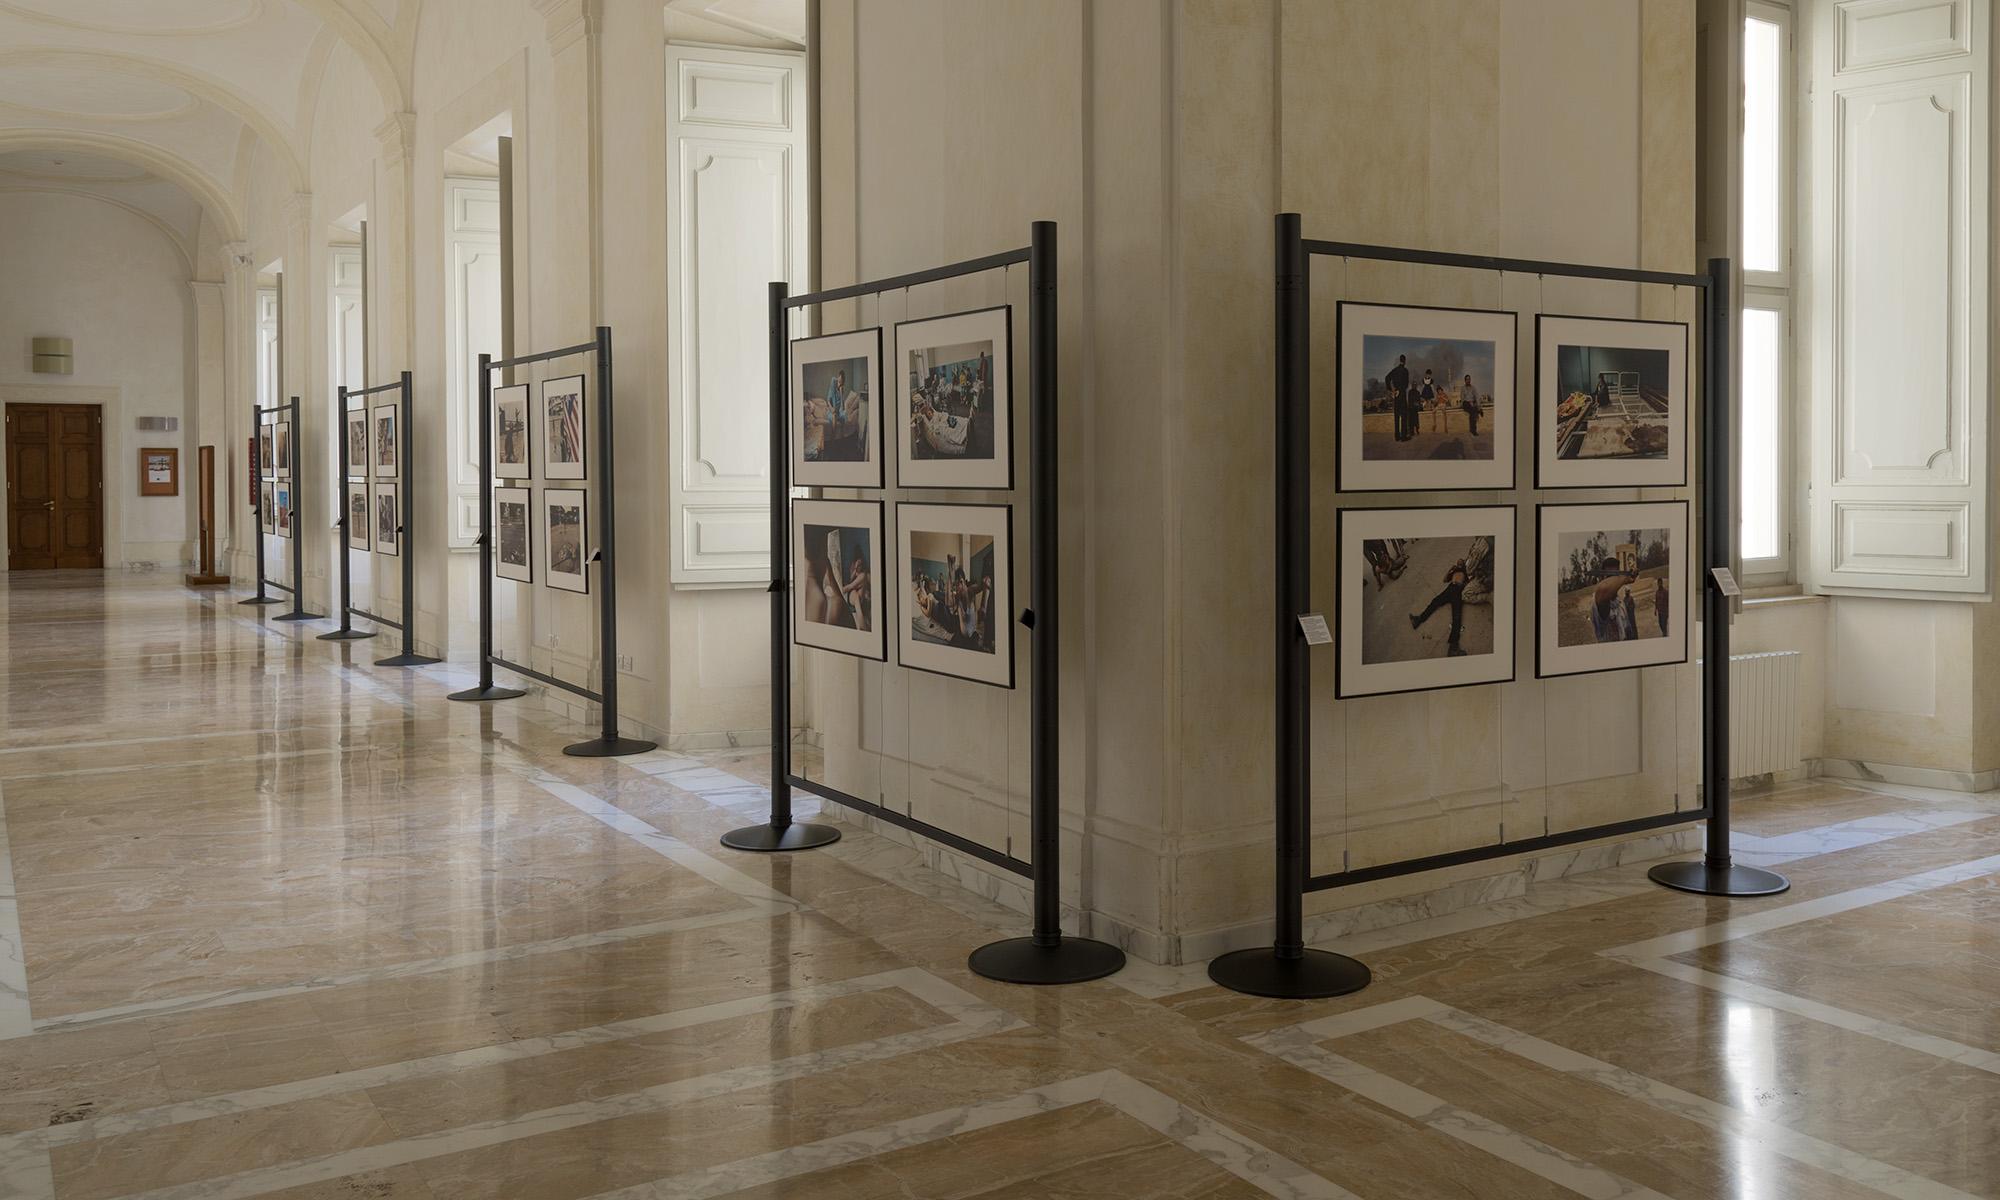 Allestimento della Mostra su Jan Sibik a Roma nel palazzo di Sant'Apollinare